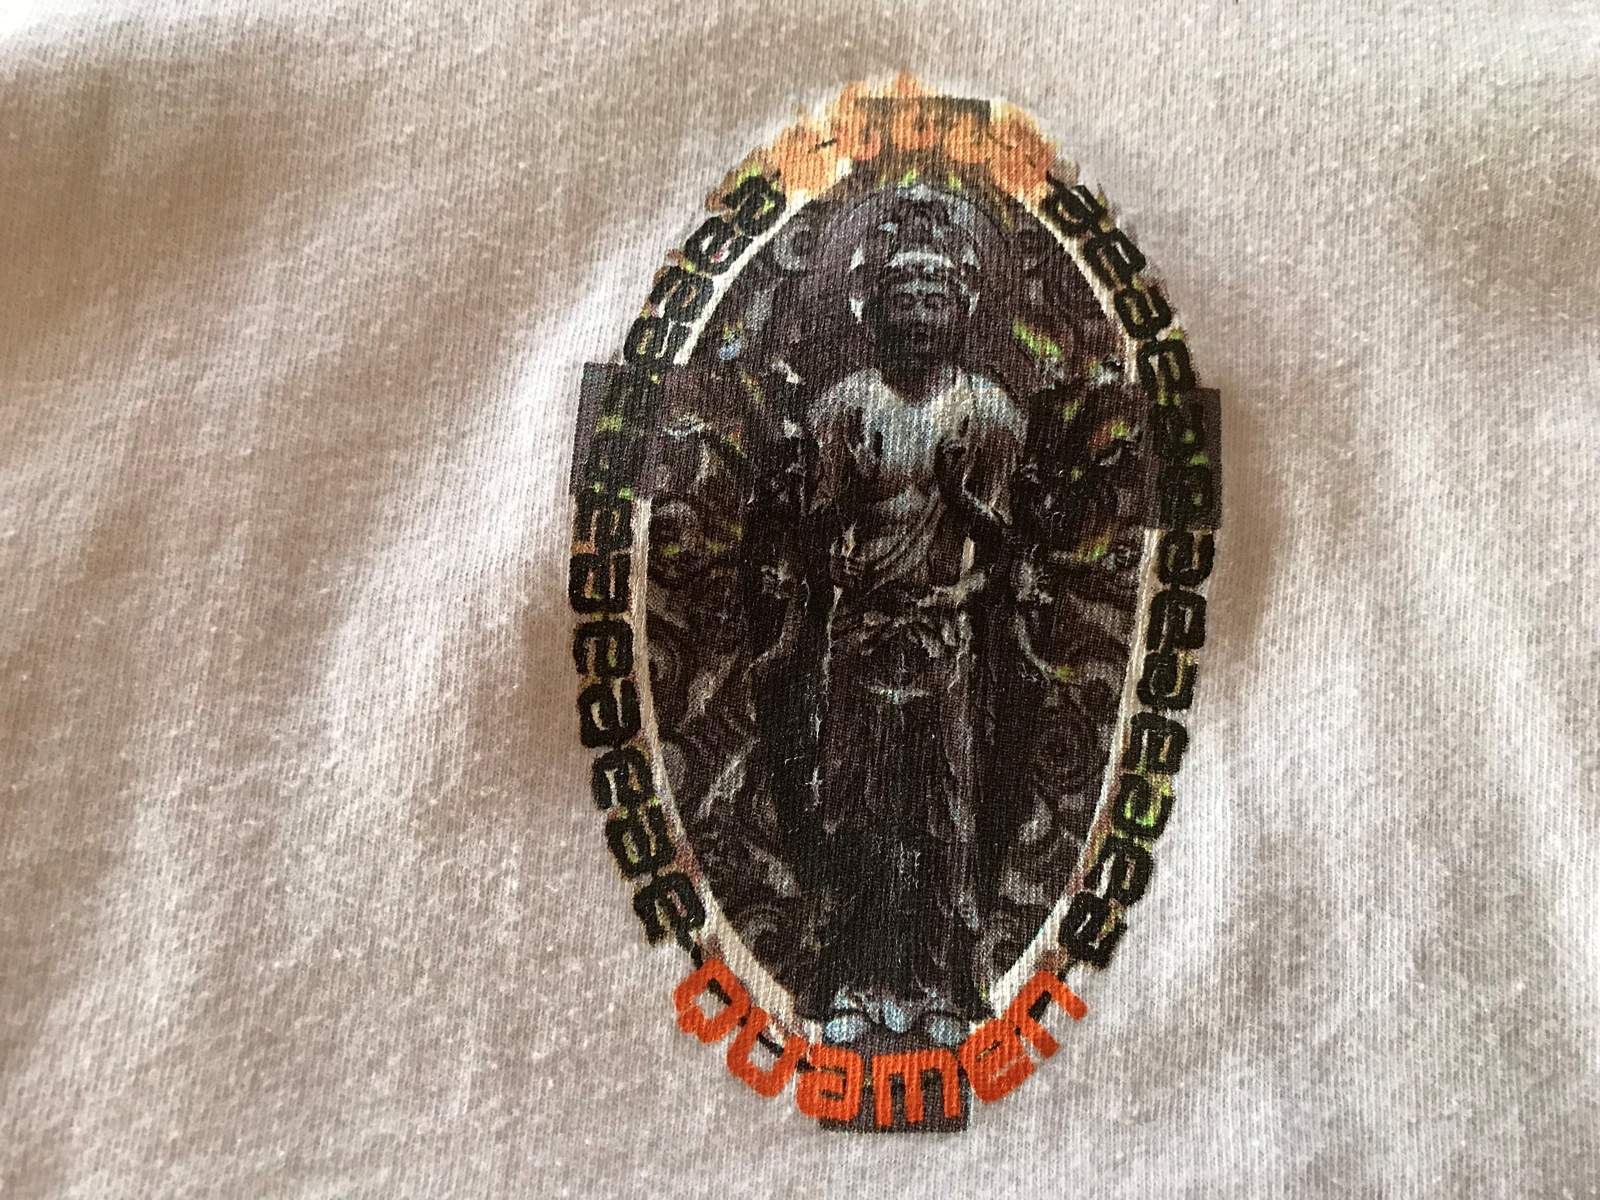 https://s3.amazonaws.com/uploads.bmxmuseum.com/user-images/72033/quamenshirt25b081734e5.jpg